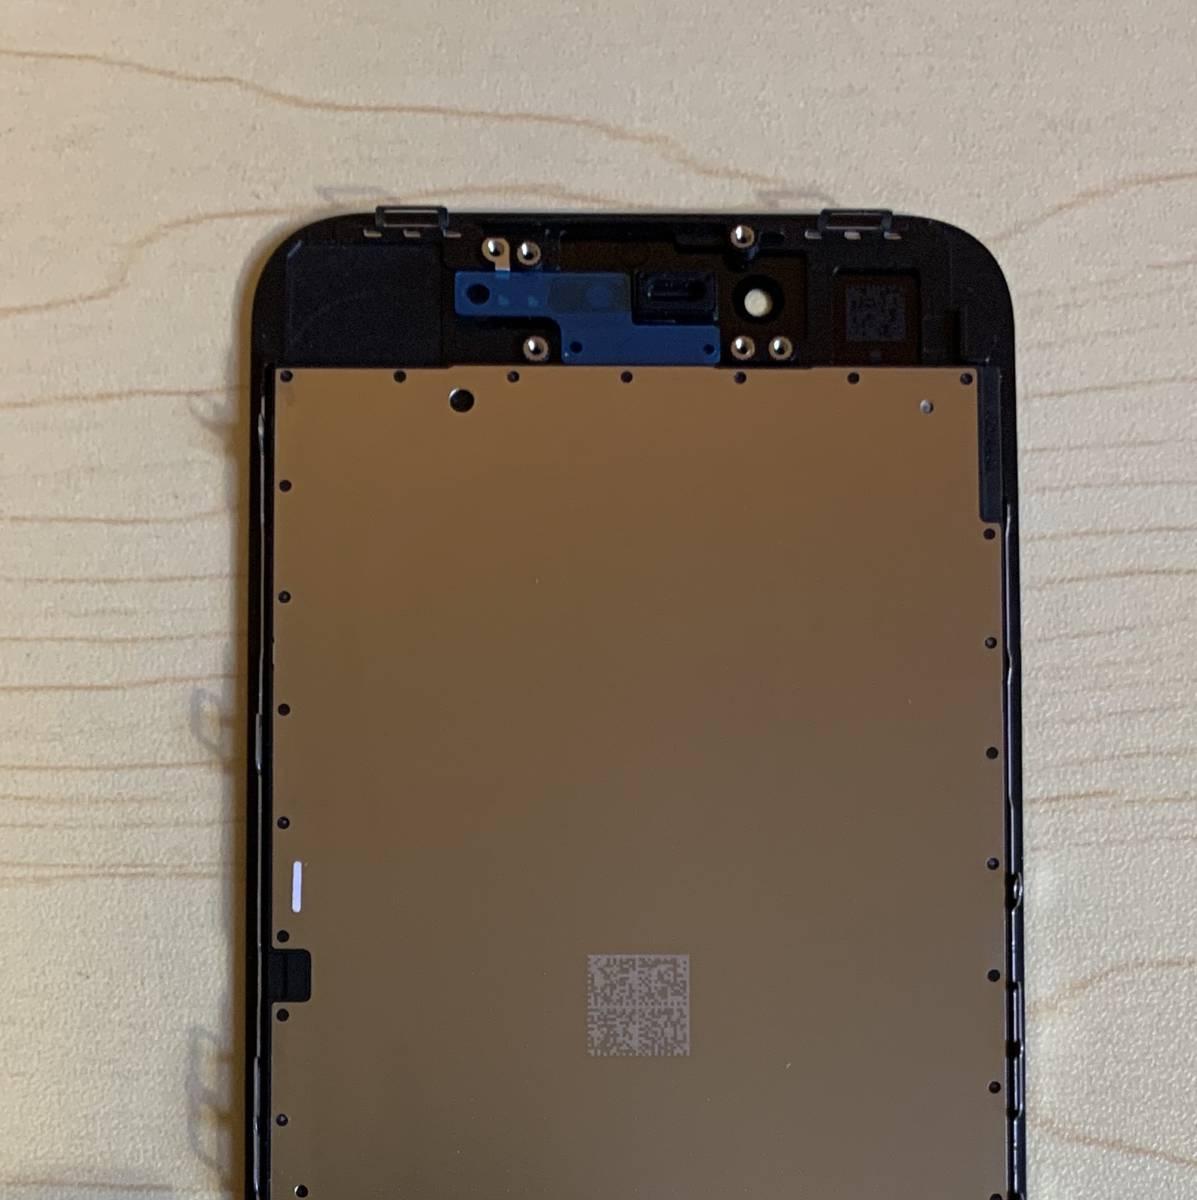 iPhone8 黒 純正再生品 フロントパネル LCD 画面 液晶 修理 交換。64gb 、 256gb 、Au 、Softbank 、docomo、Sim フリー_画像6